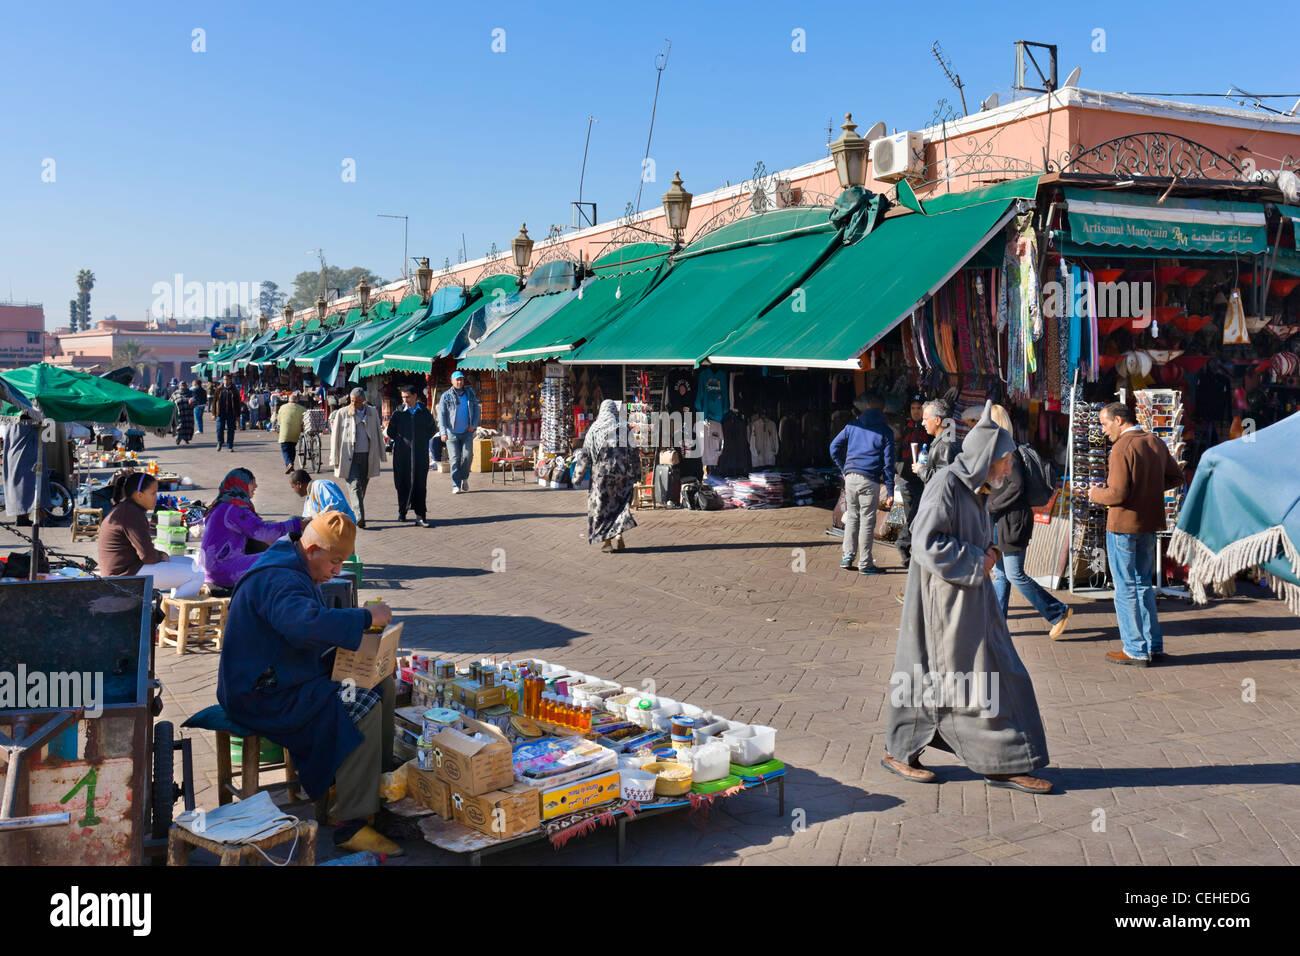 Bancarelle e negozi lungo il bordo di Djemaa el Fna sqare, Marrakech, Marocco, Africa del Nord Immagini Stock